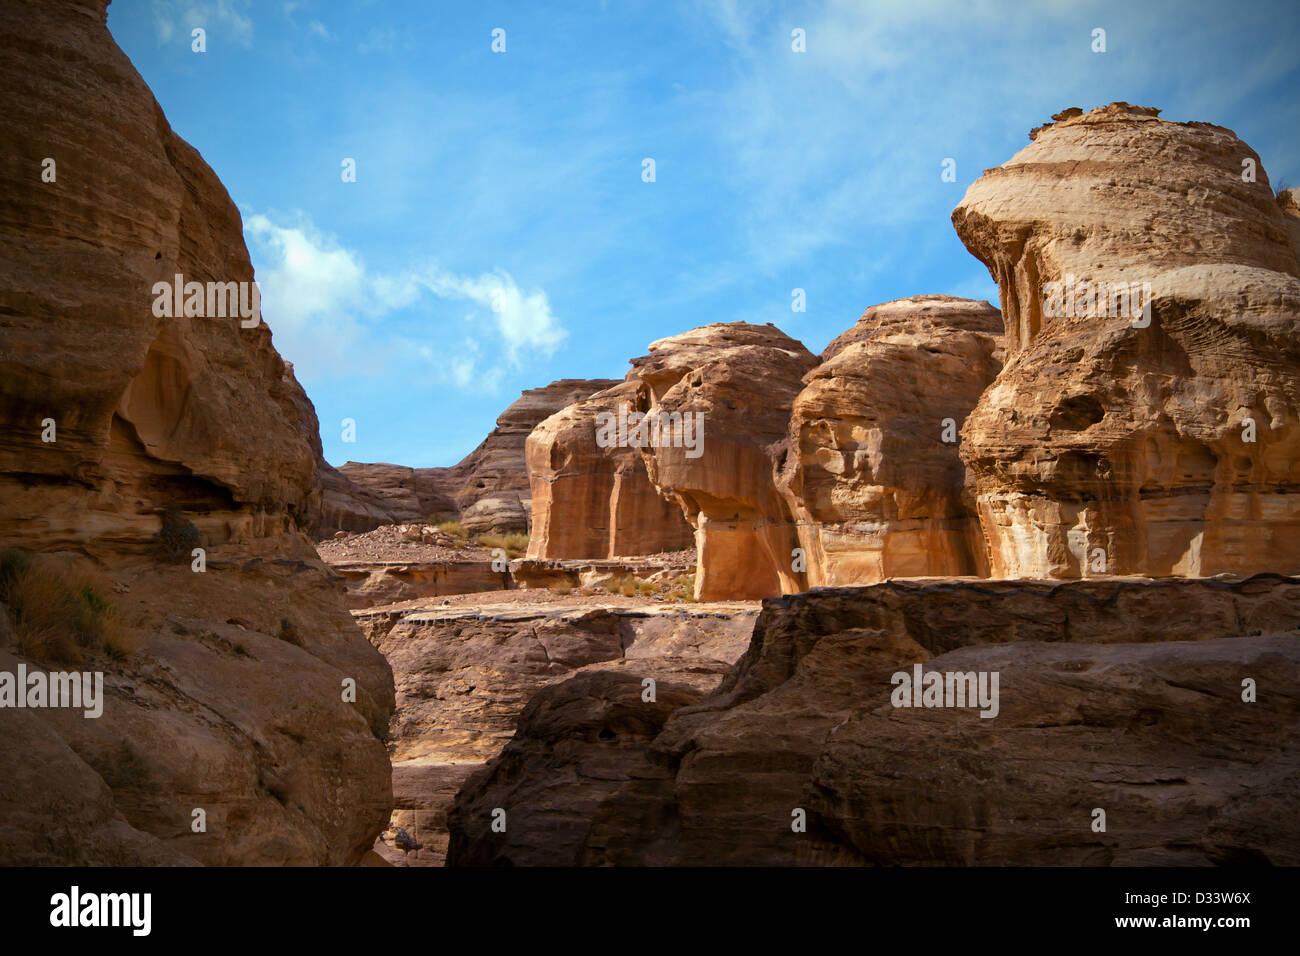 Petra, Jordan - Stock Image